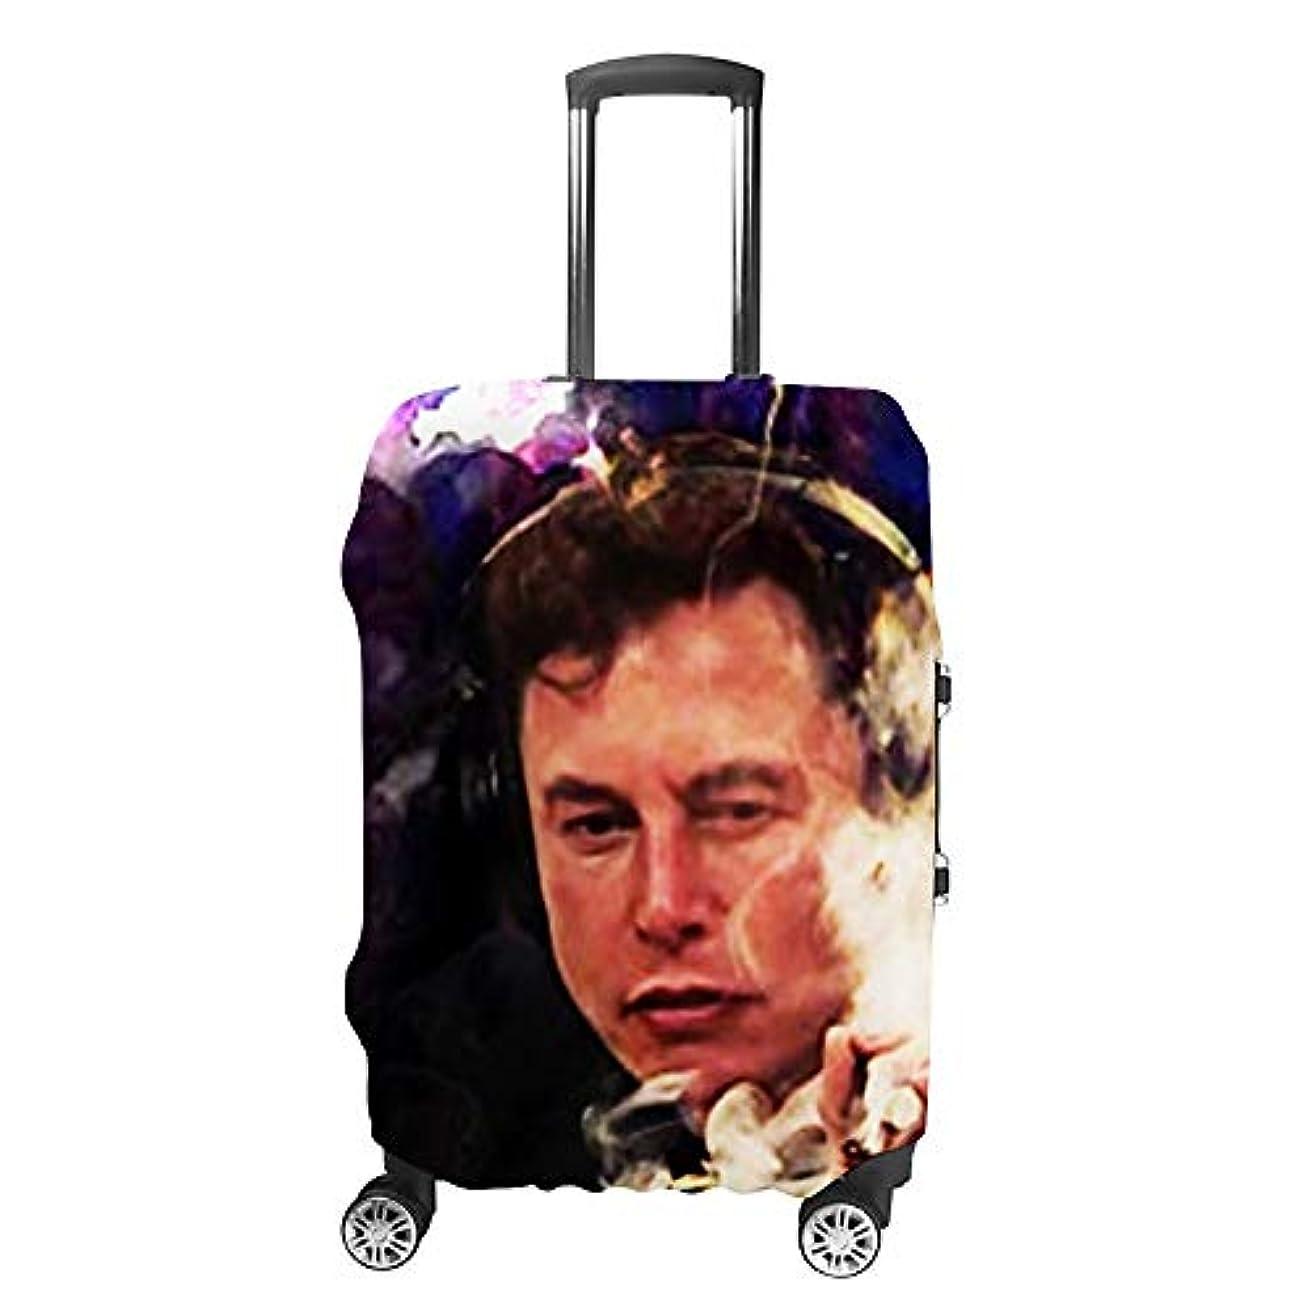 繰り返した女王放散するElon Musk ファッション旅行荷物カバースーツケース荷物プロテクター旅行カバー男性用女性用